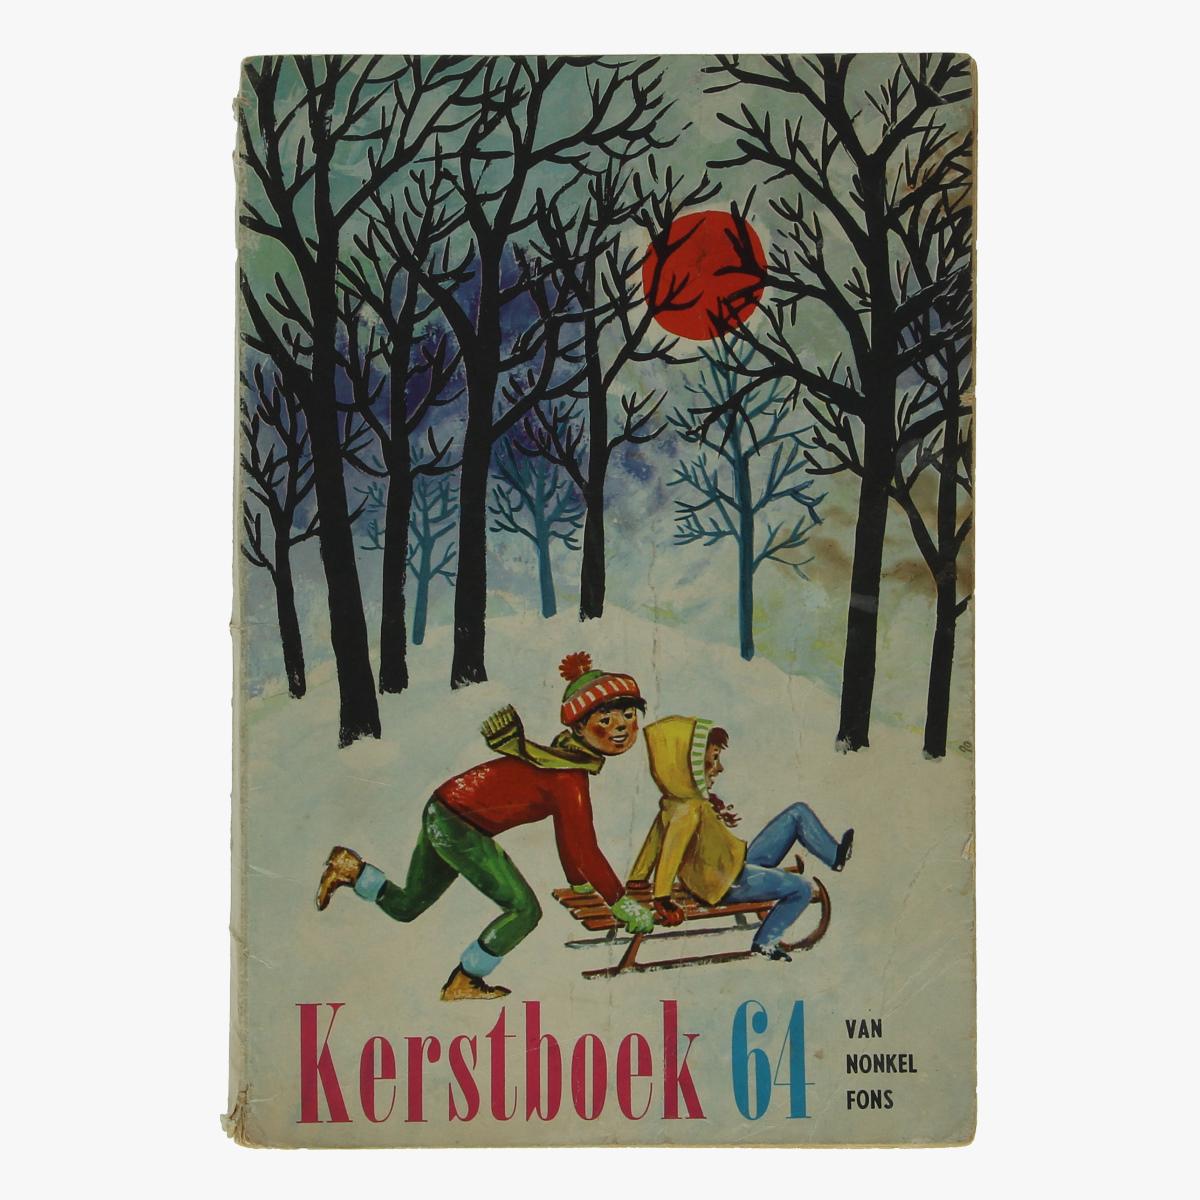 Afbeeldingen van kerstboek 64